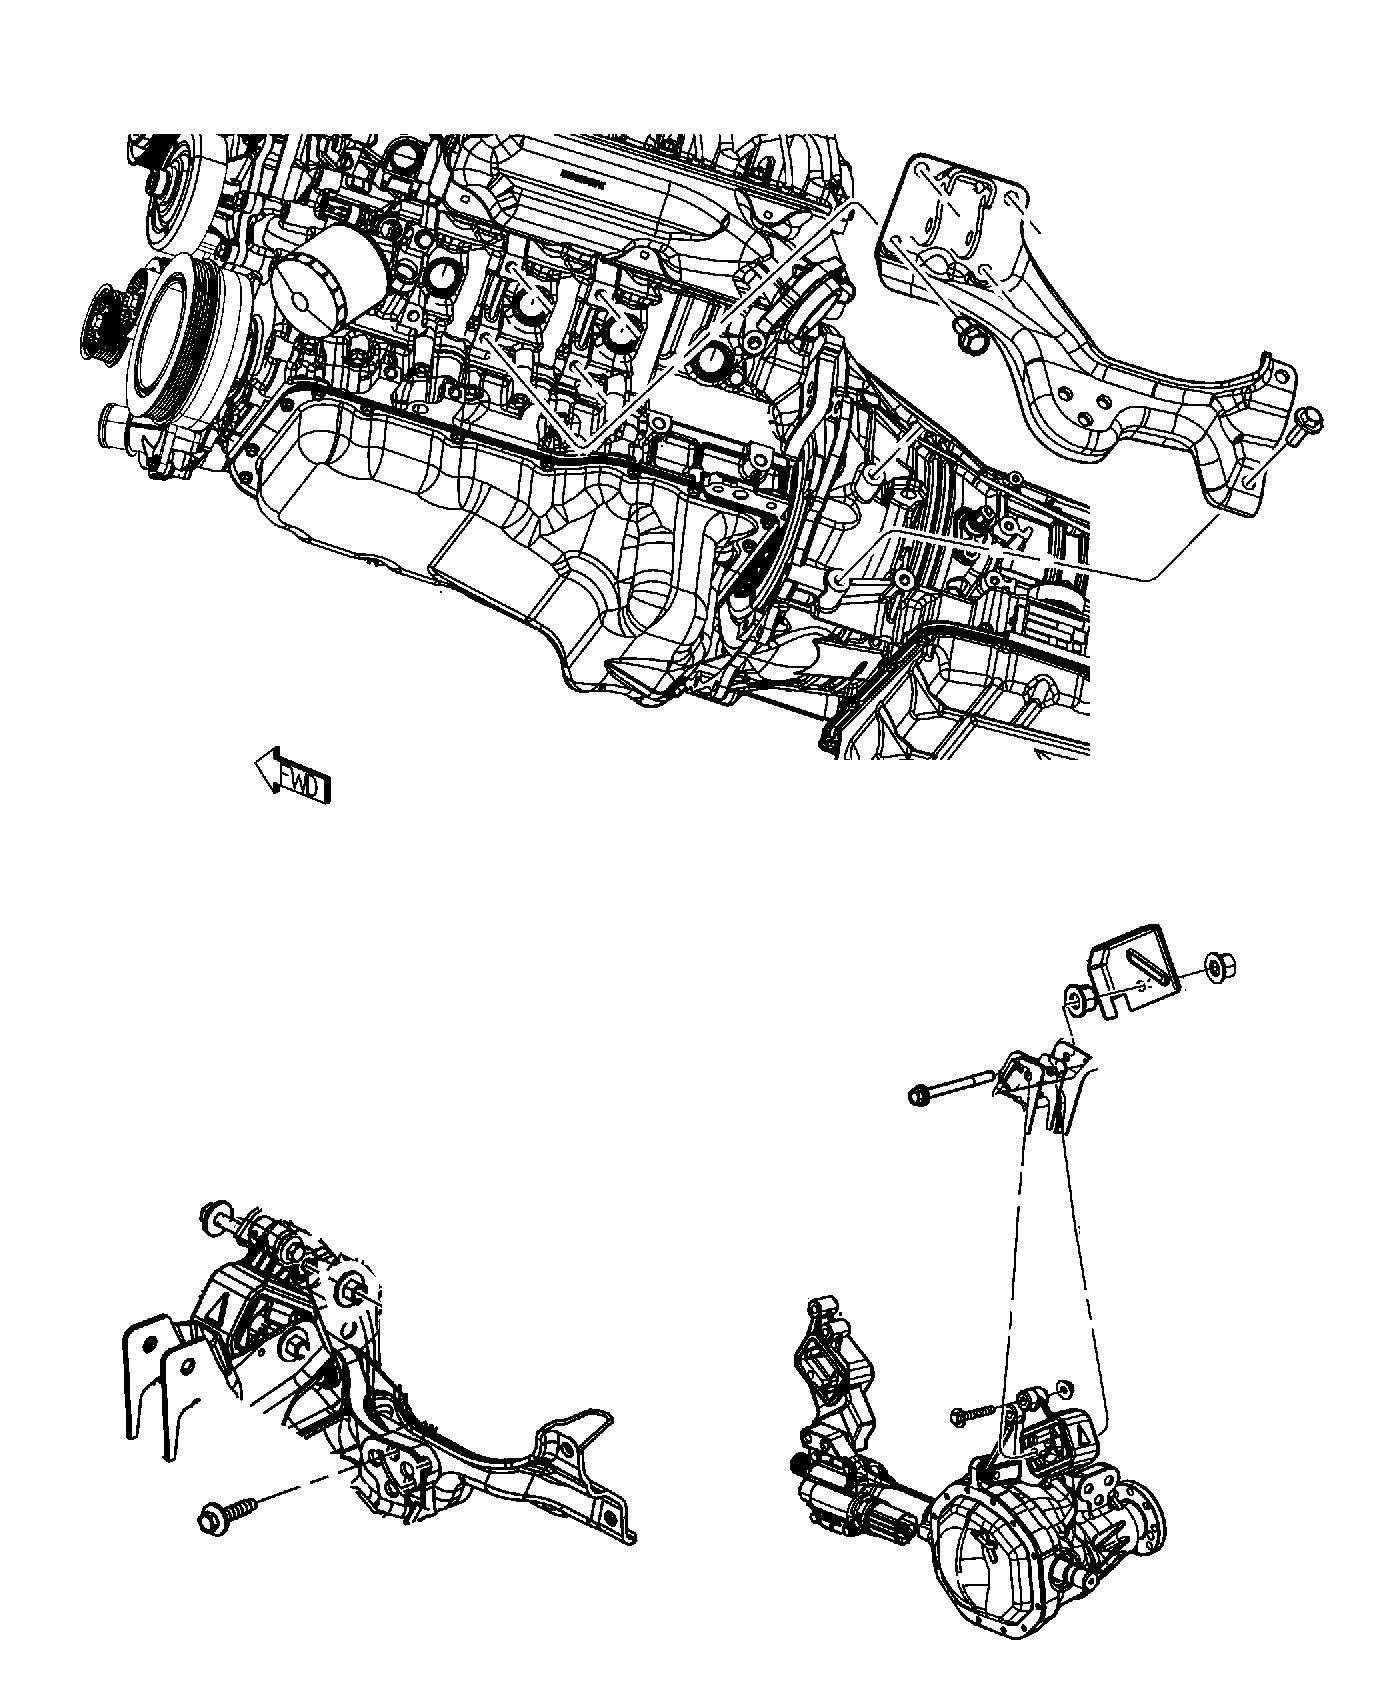 Ram Bracket Engine Mount Left Side Air